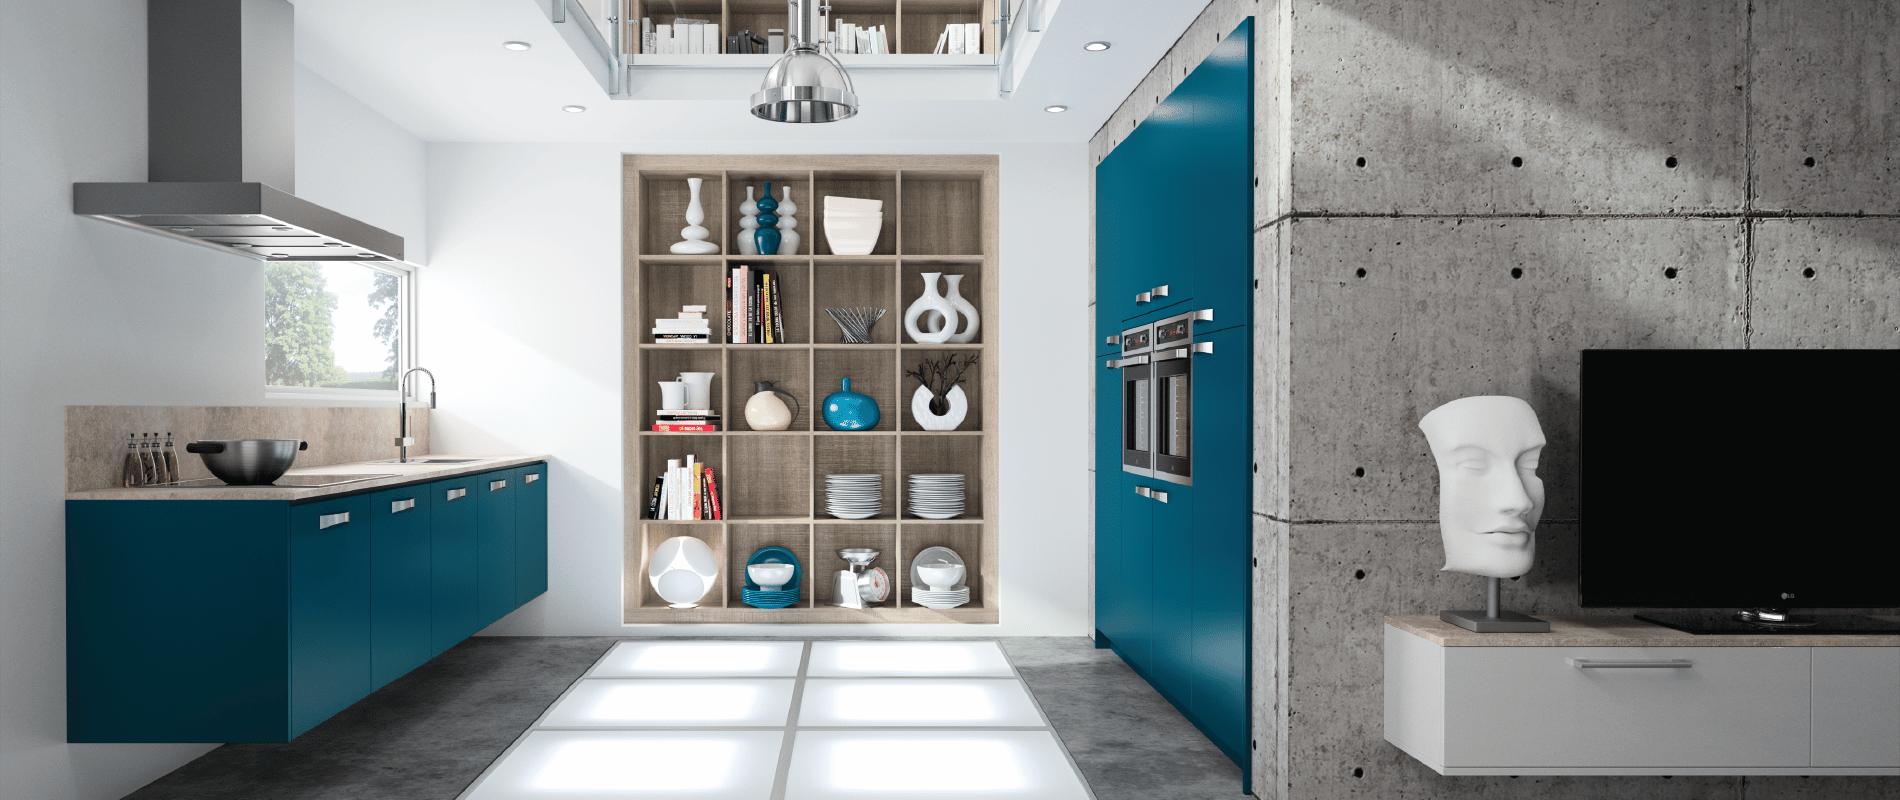 Cuisine sur mesure tendance zaho moderne design qualit haut de gamme for Design cuisine 2016